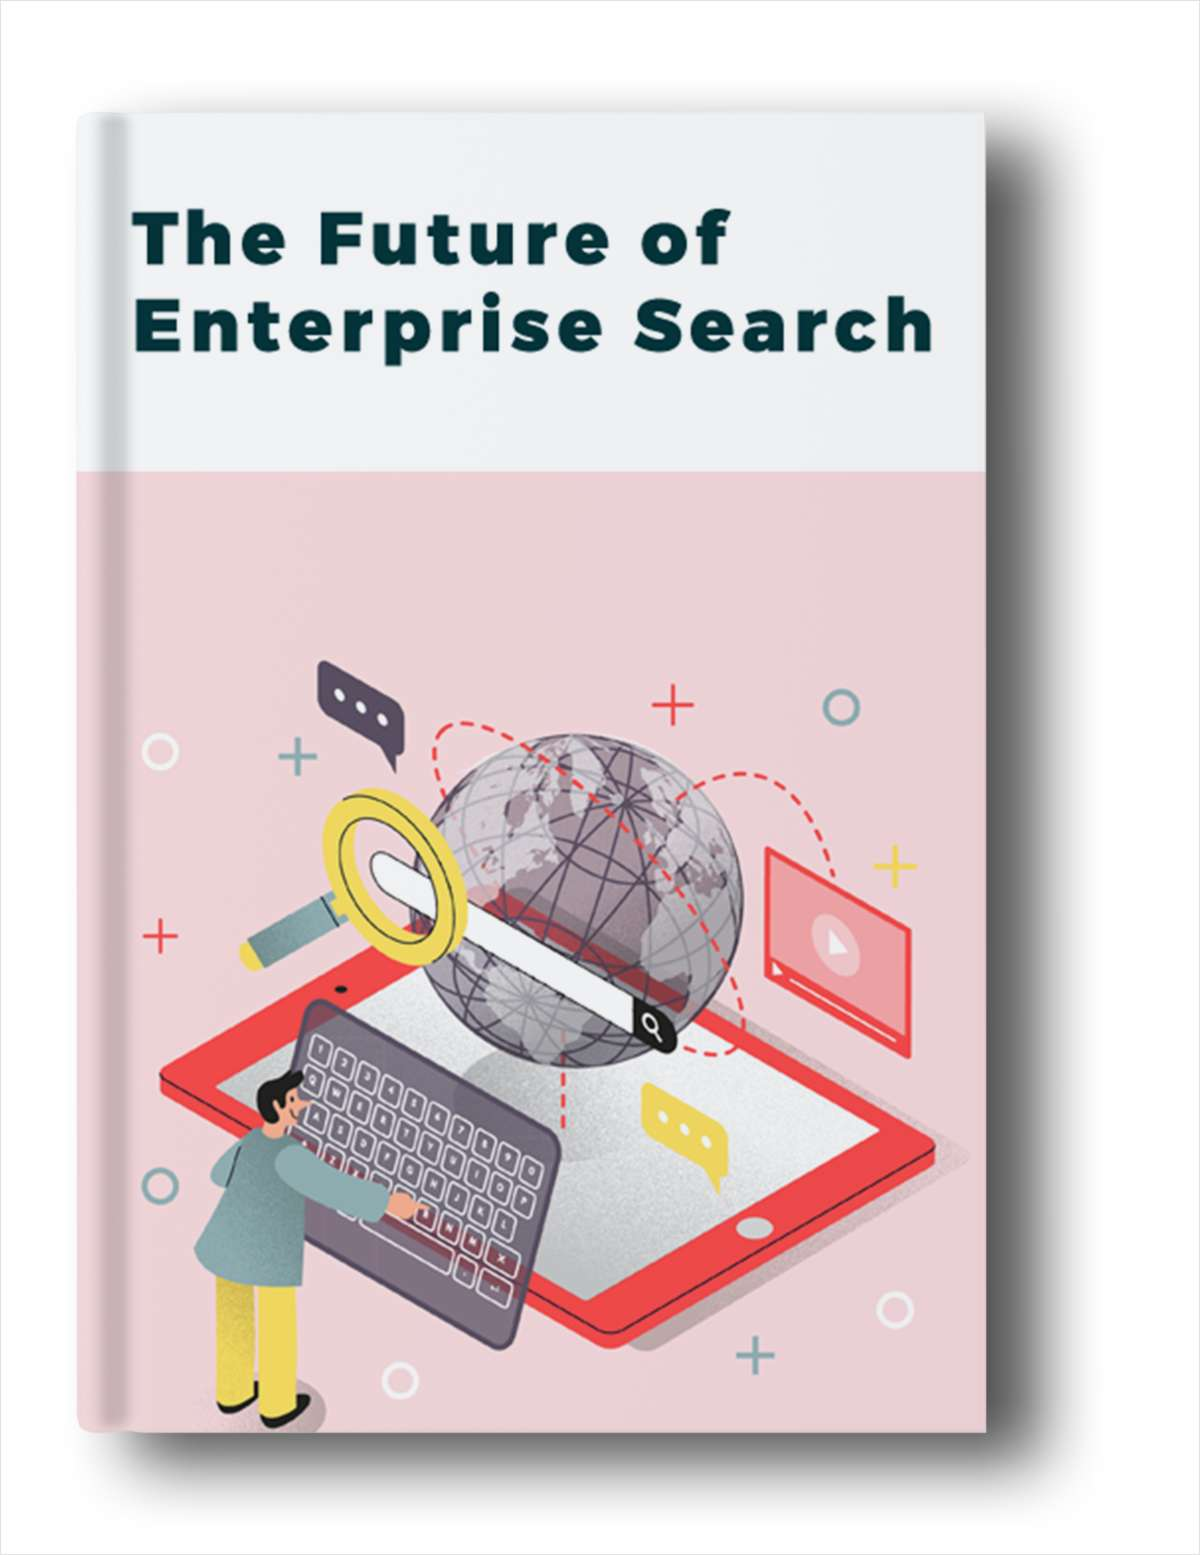 The Future of Enterprise Search